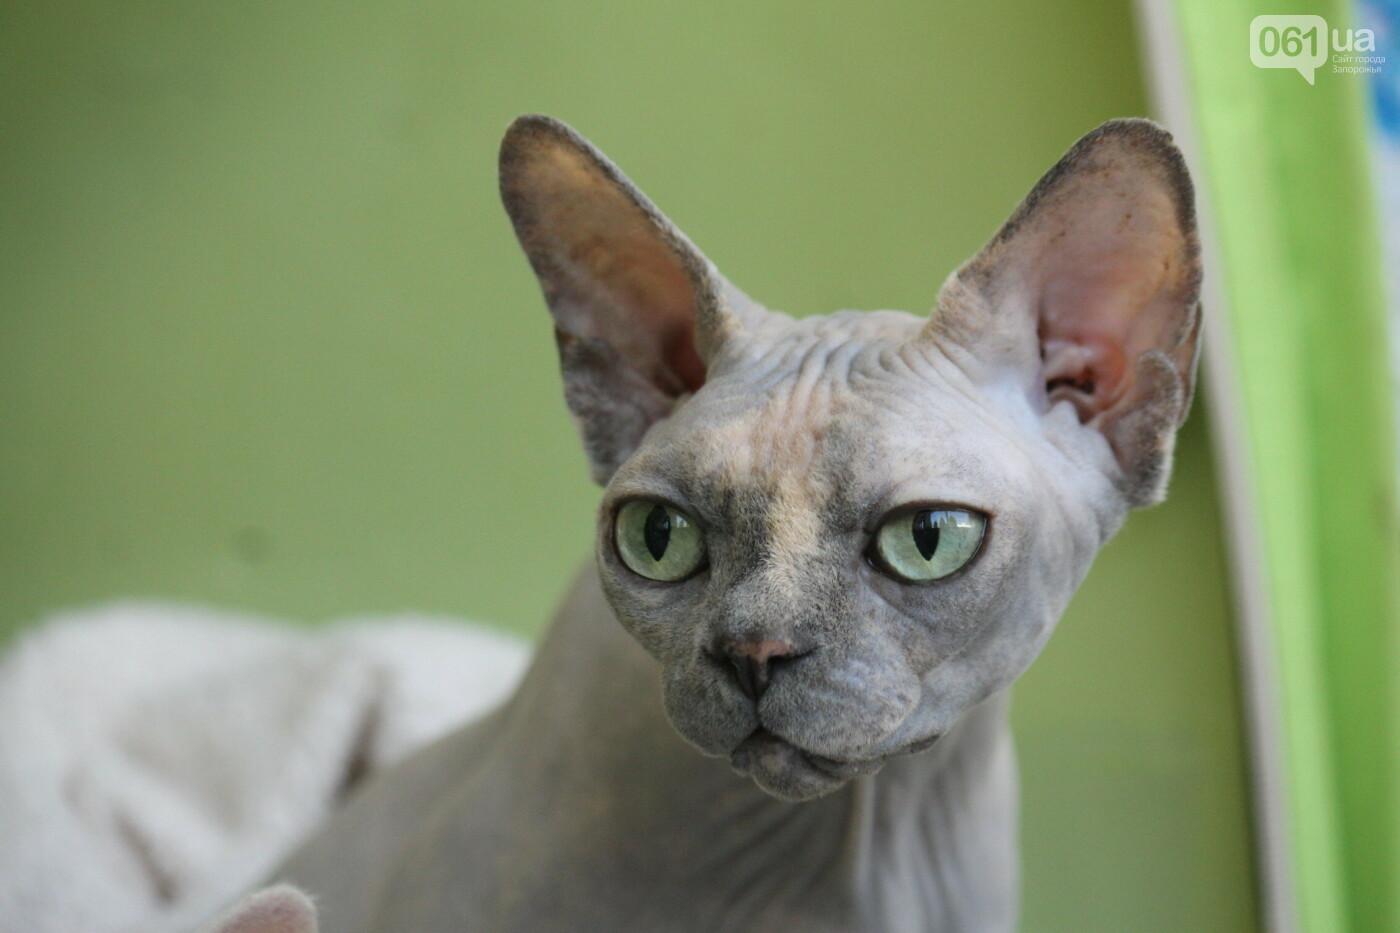 В Запорожье на выставке кошек показали 130 питомцев со всей Украины, – ФОТОРЕПОРТАЖ, фото-8